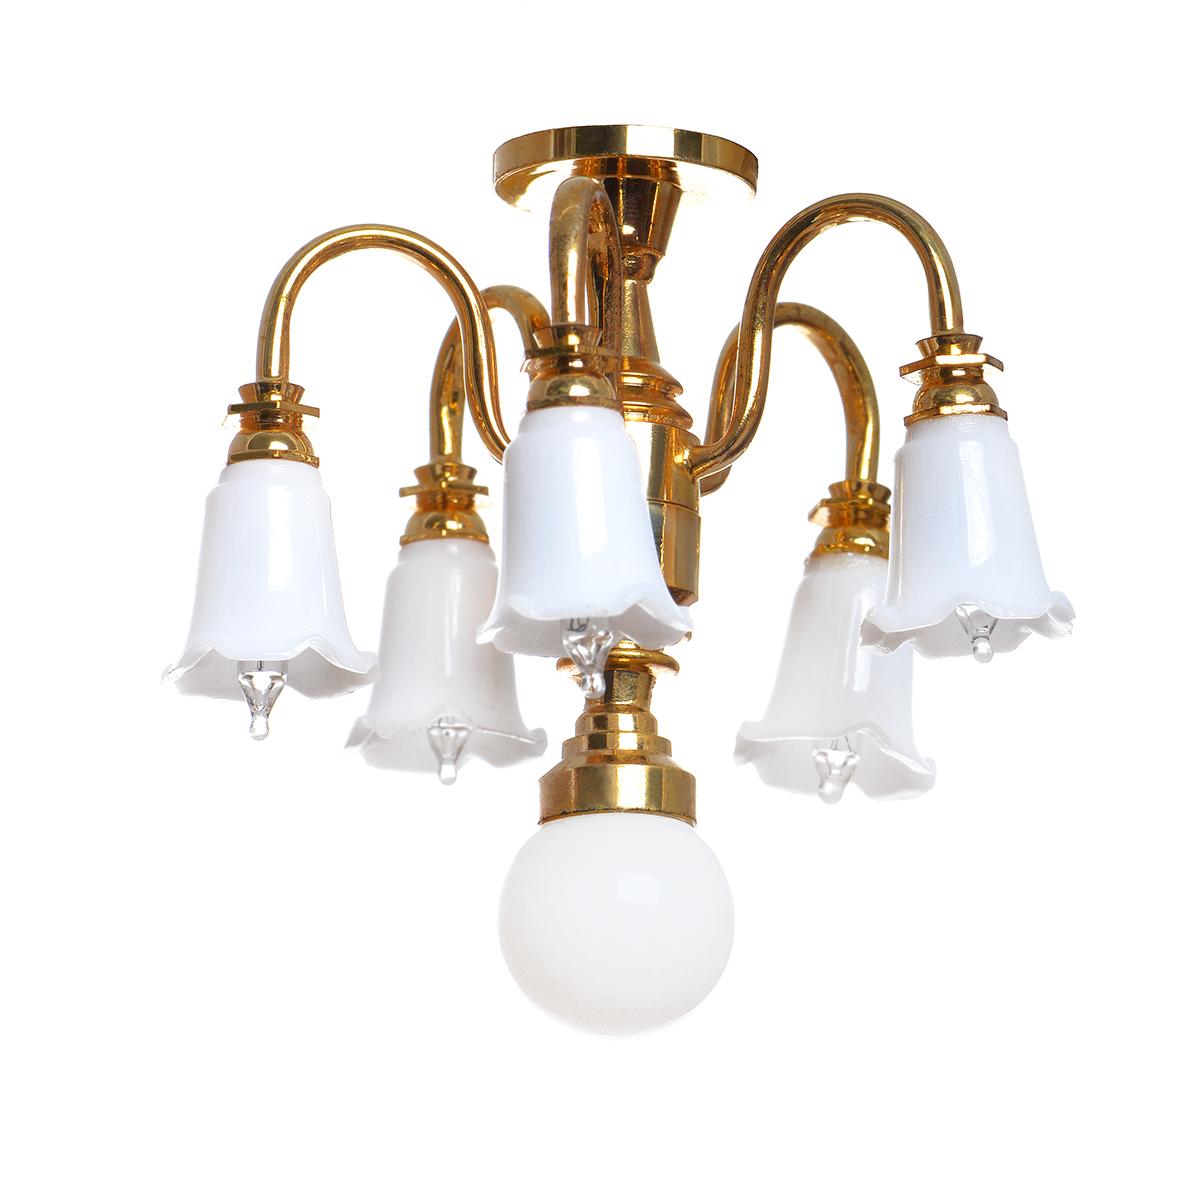 Miniature Table 12v Lamps Led